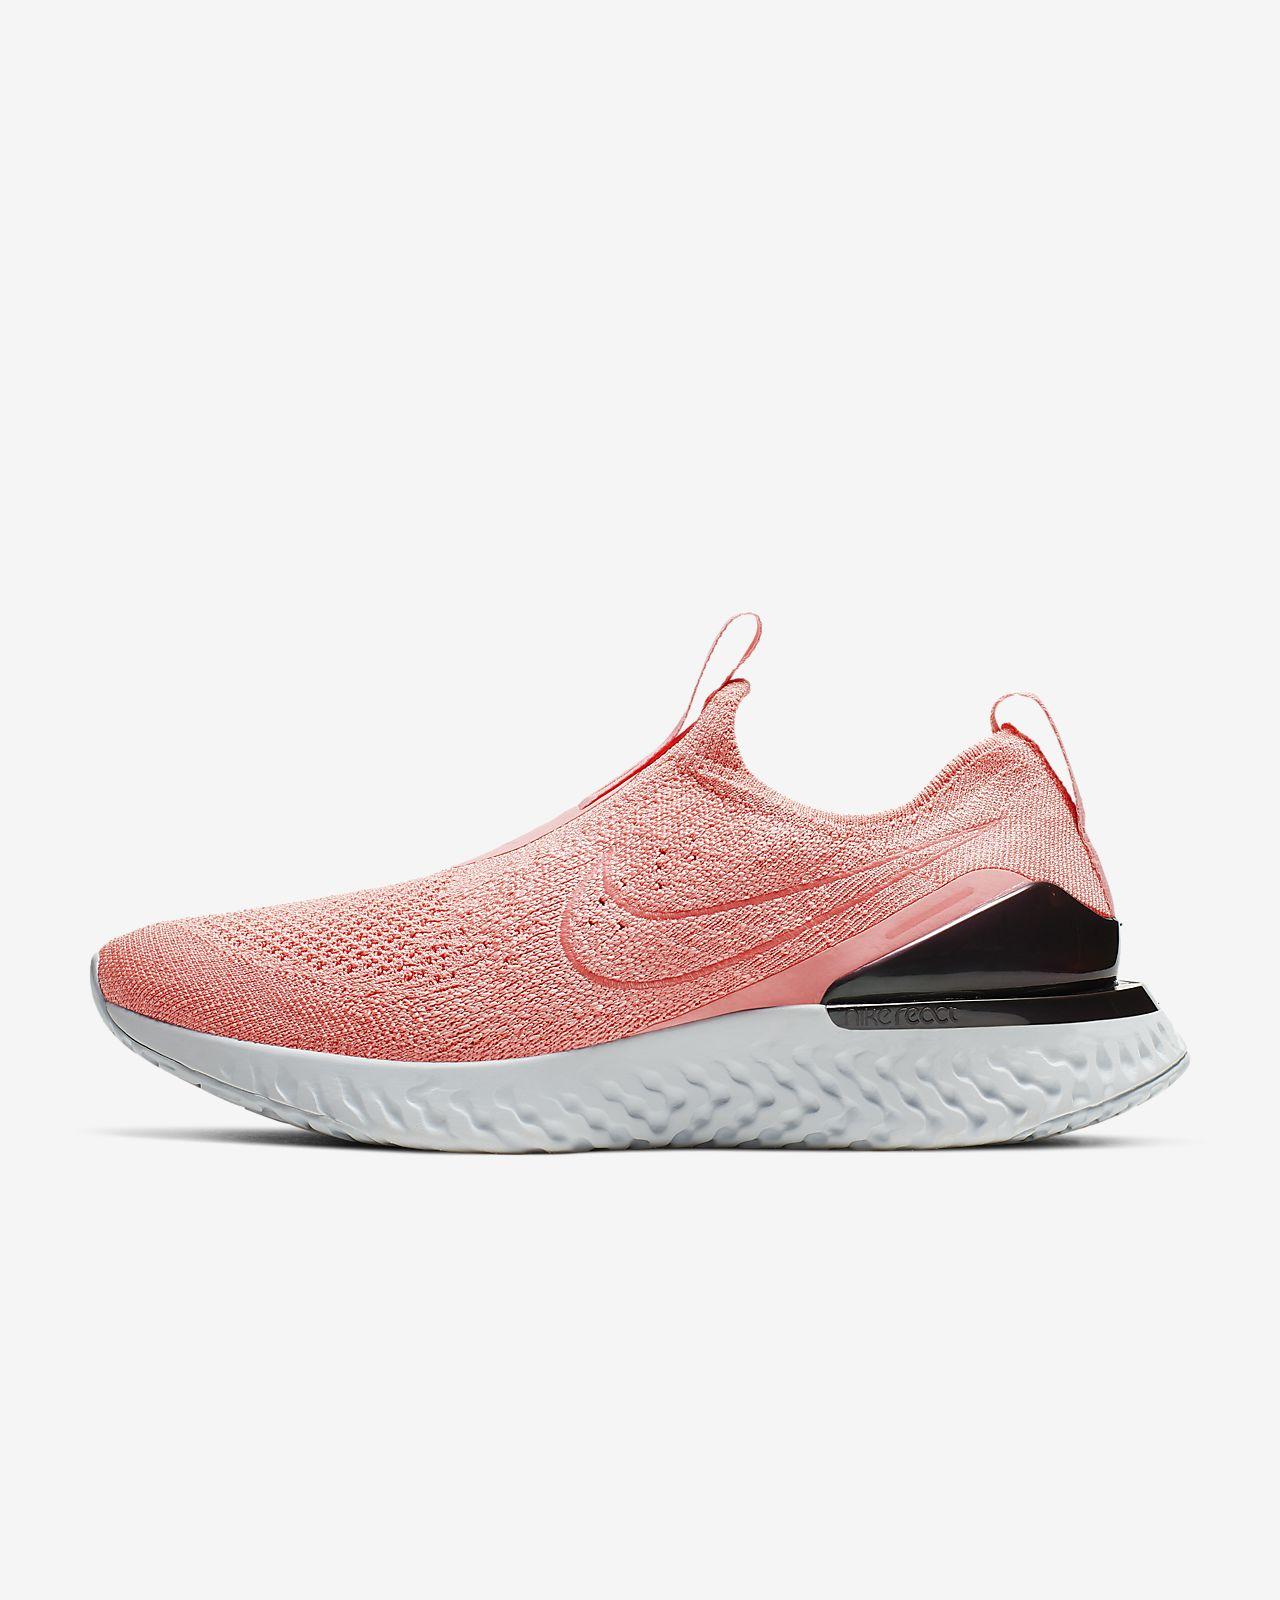 รองเท้าวิ่งผู้หญิง Nike Epic Phantom React Flyknit